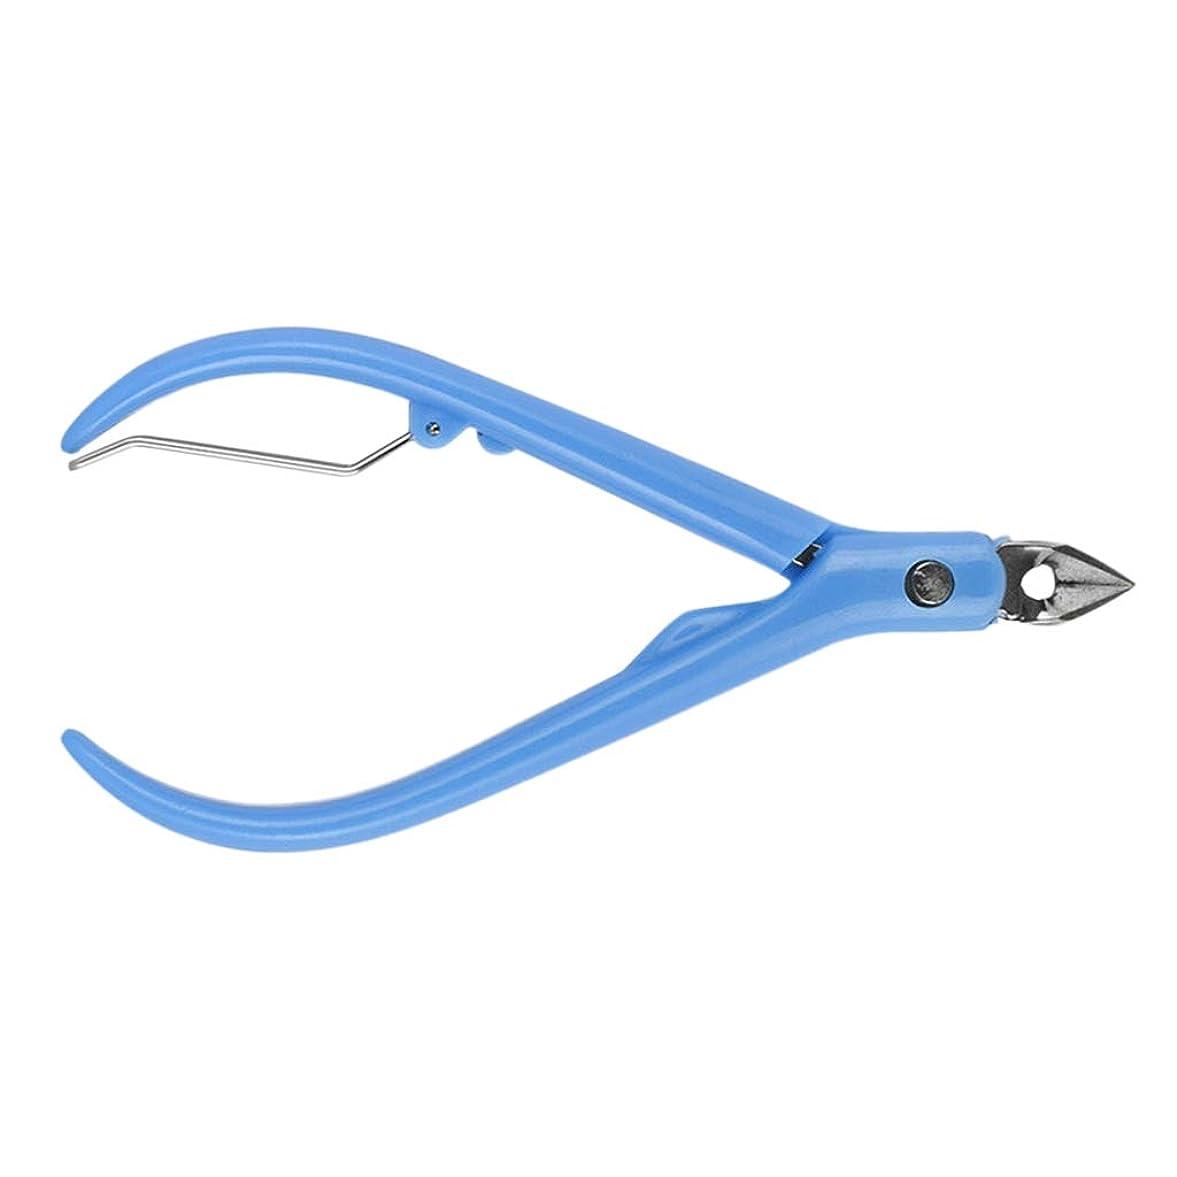 ディンカルビル考えた要旨SM SunniMix キューティクルニッパー 爪切り ネイルハサミ ネイルニッパー ケアツール ステンレス製